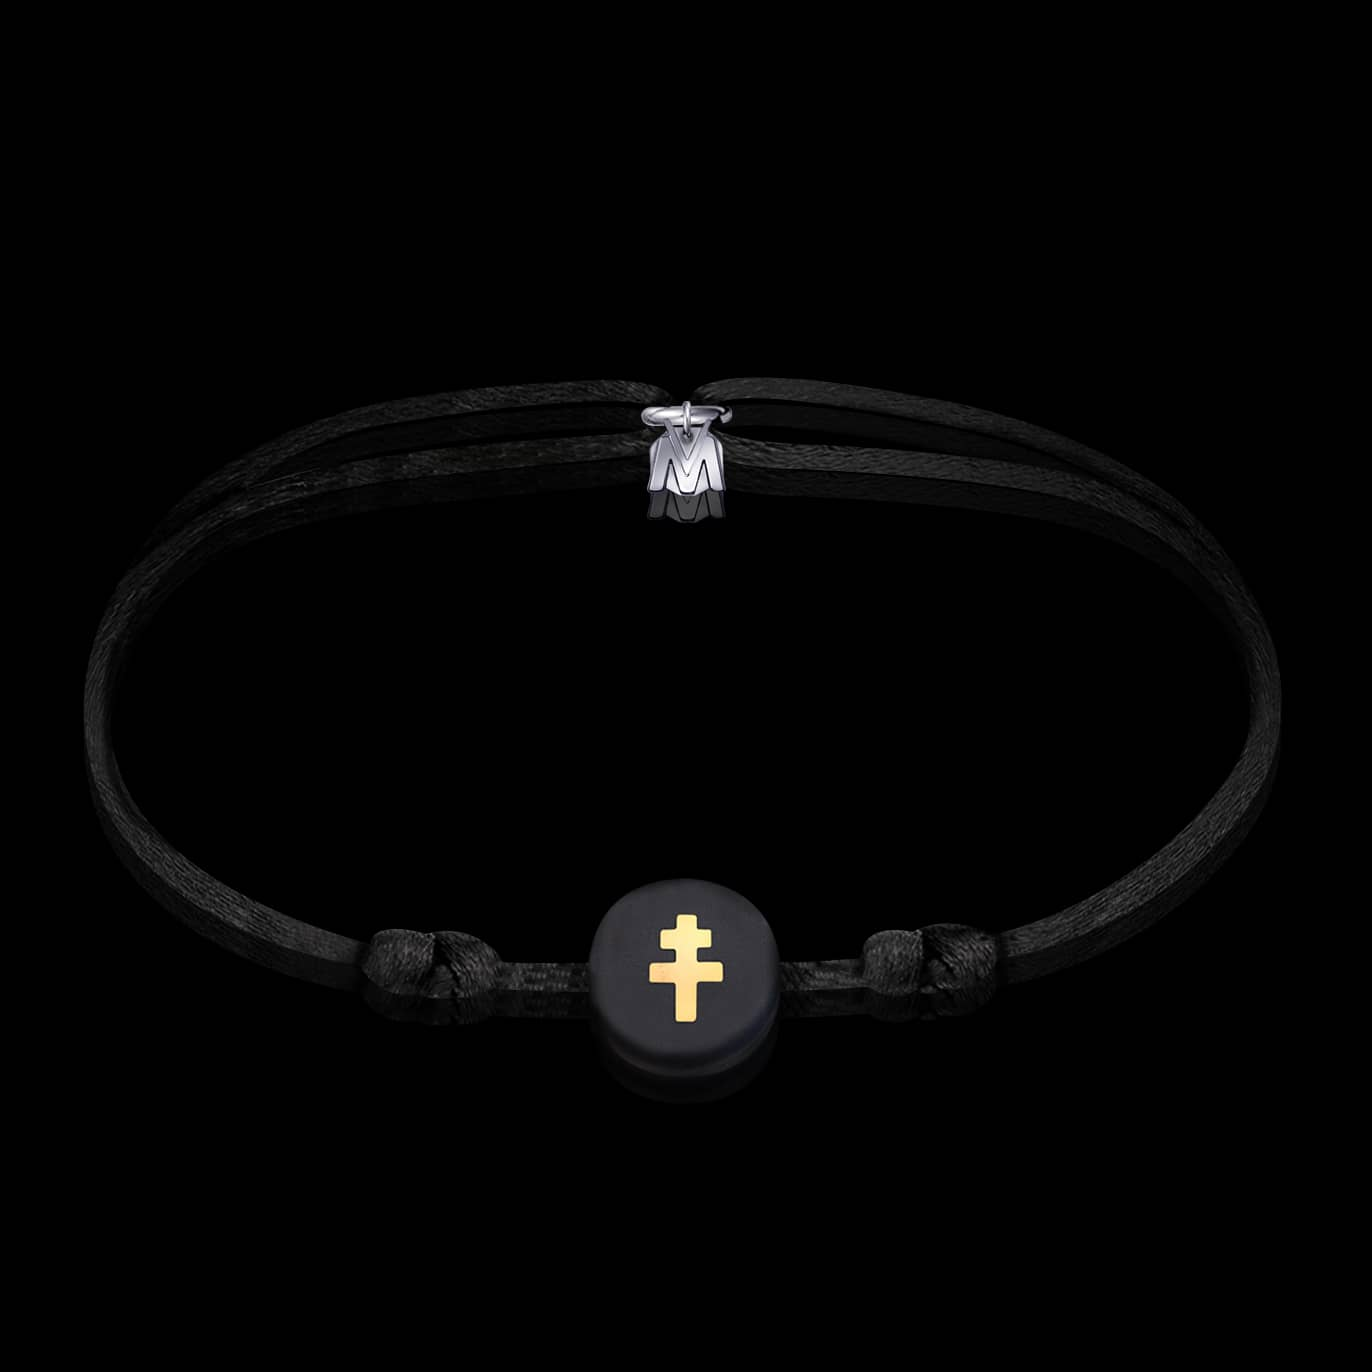 bracelet-croix-de-lorraine-noir-michael-vessiere